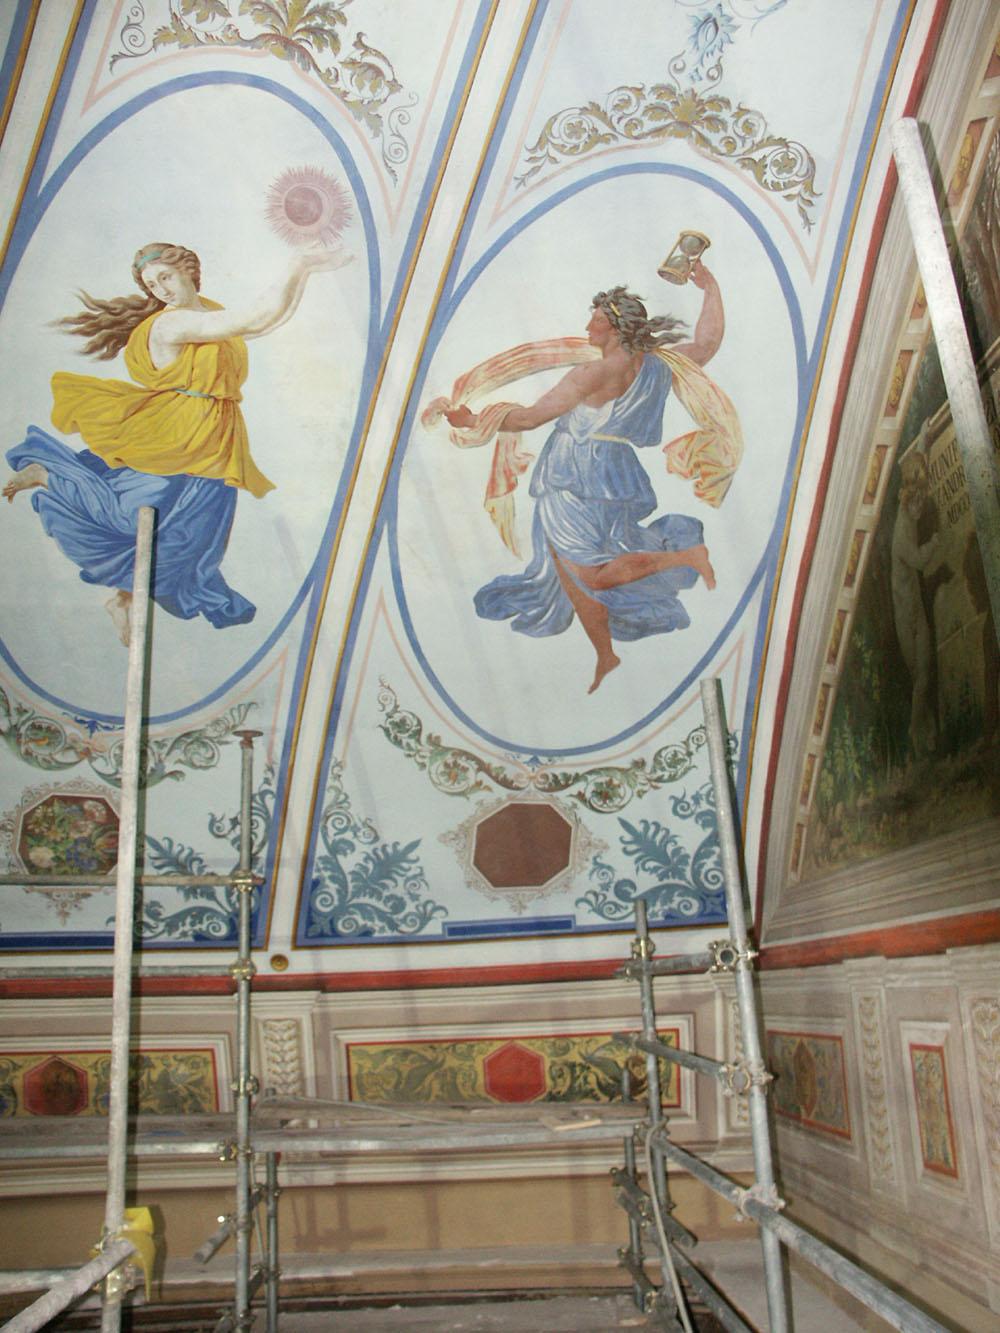 16a-particolare-dei-dipinti-murali-della-cupola-dopo-gli-interventi